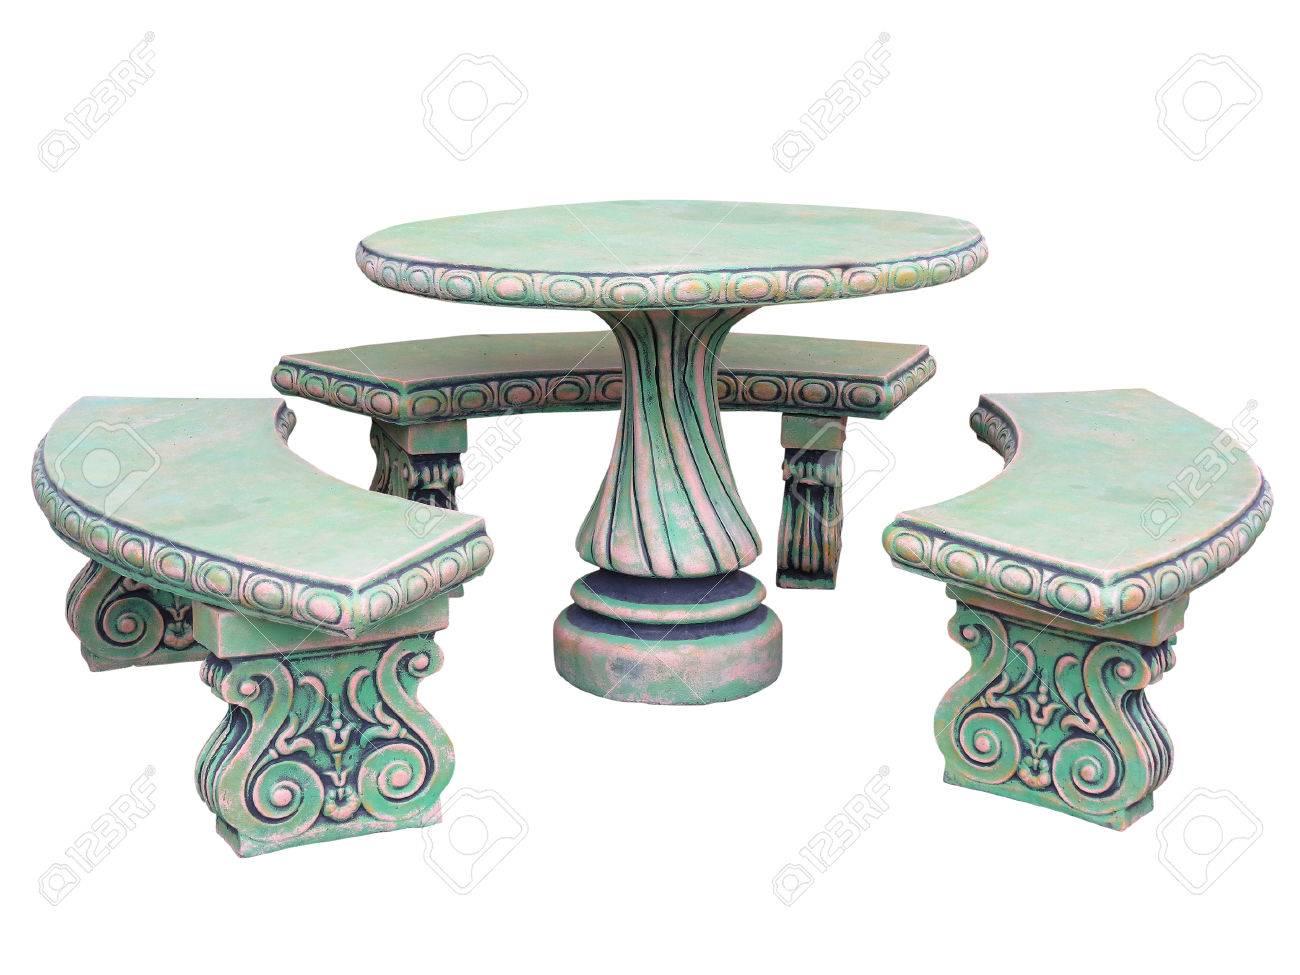 Dekoriert Stein Gartenmöbel Tisch Und Stühle Auf Weißem Hintergrund ...